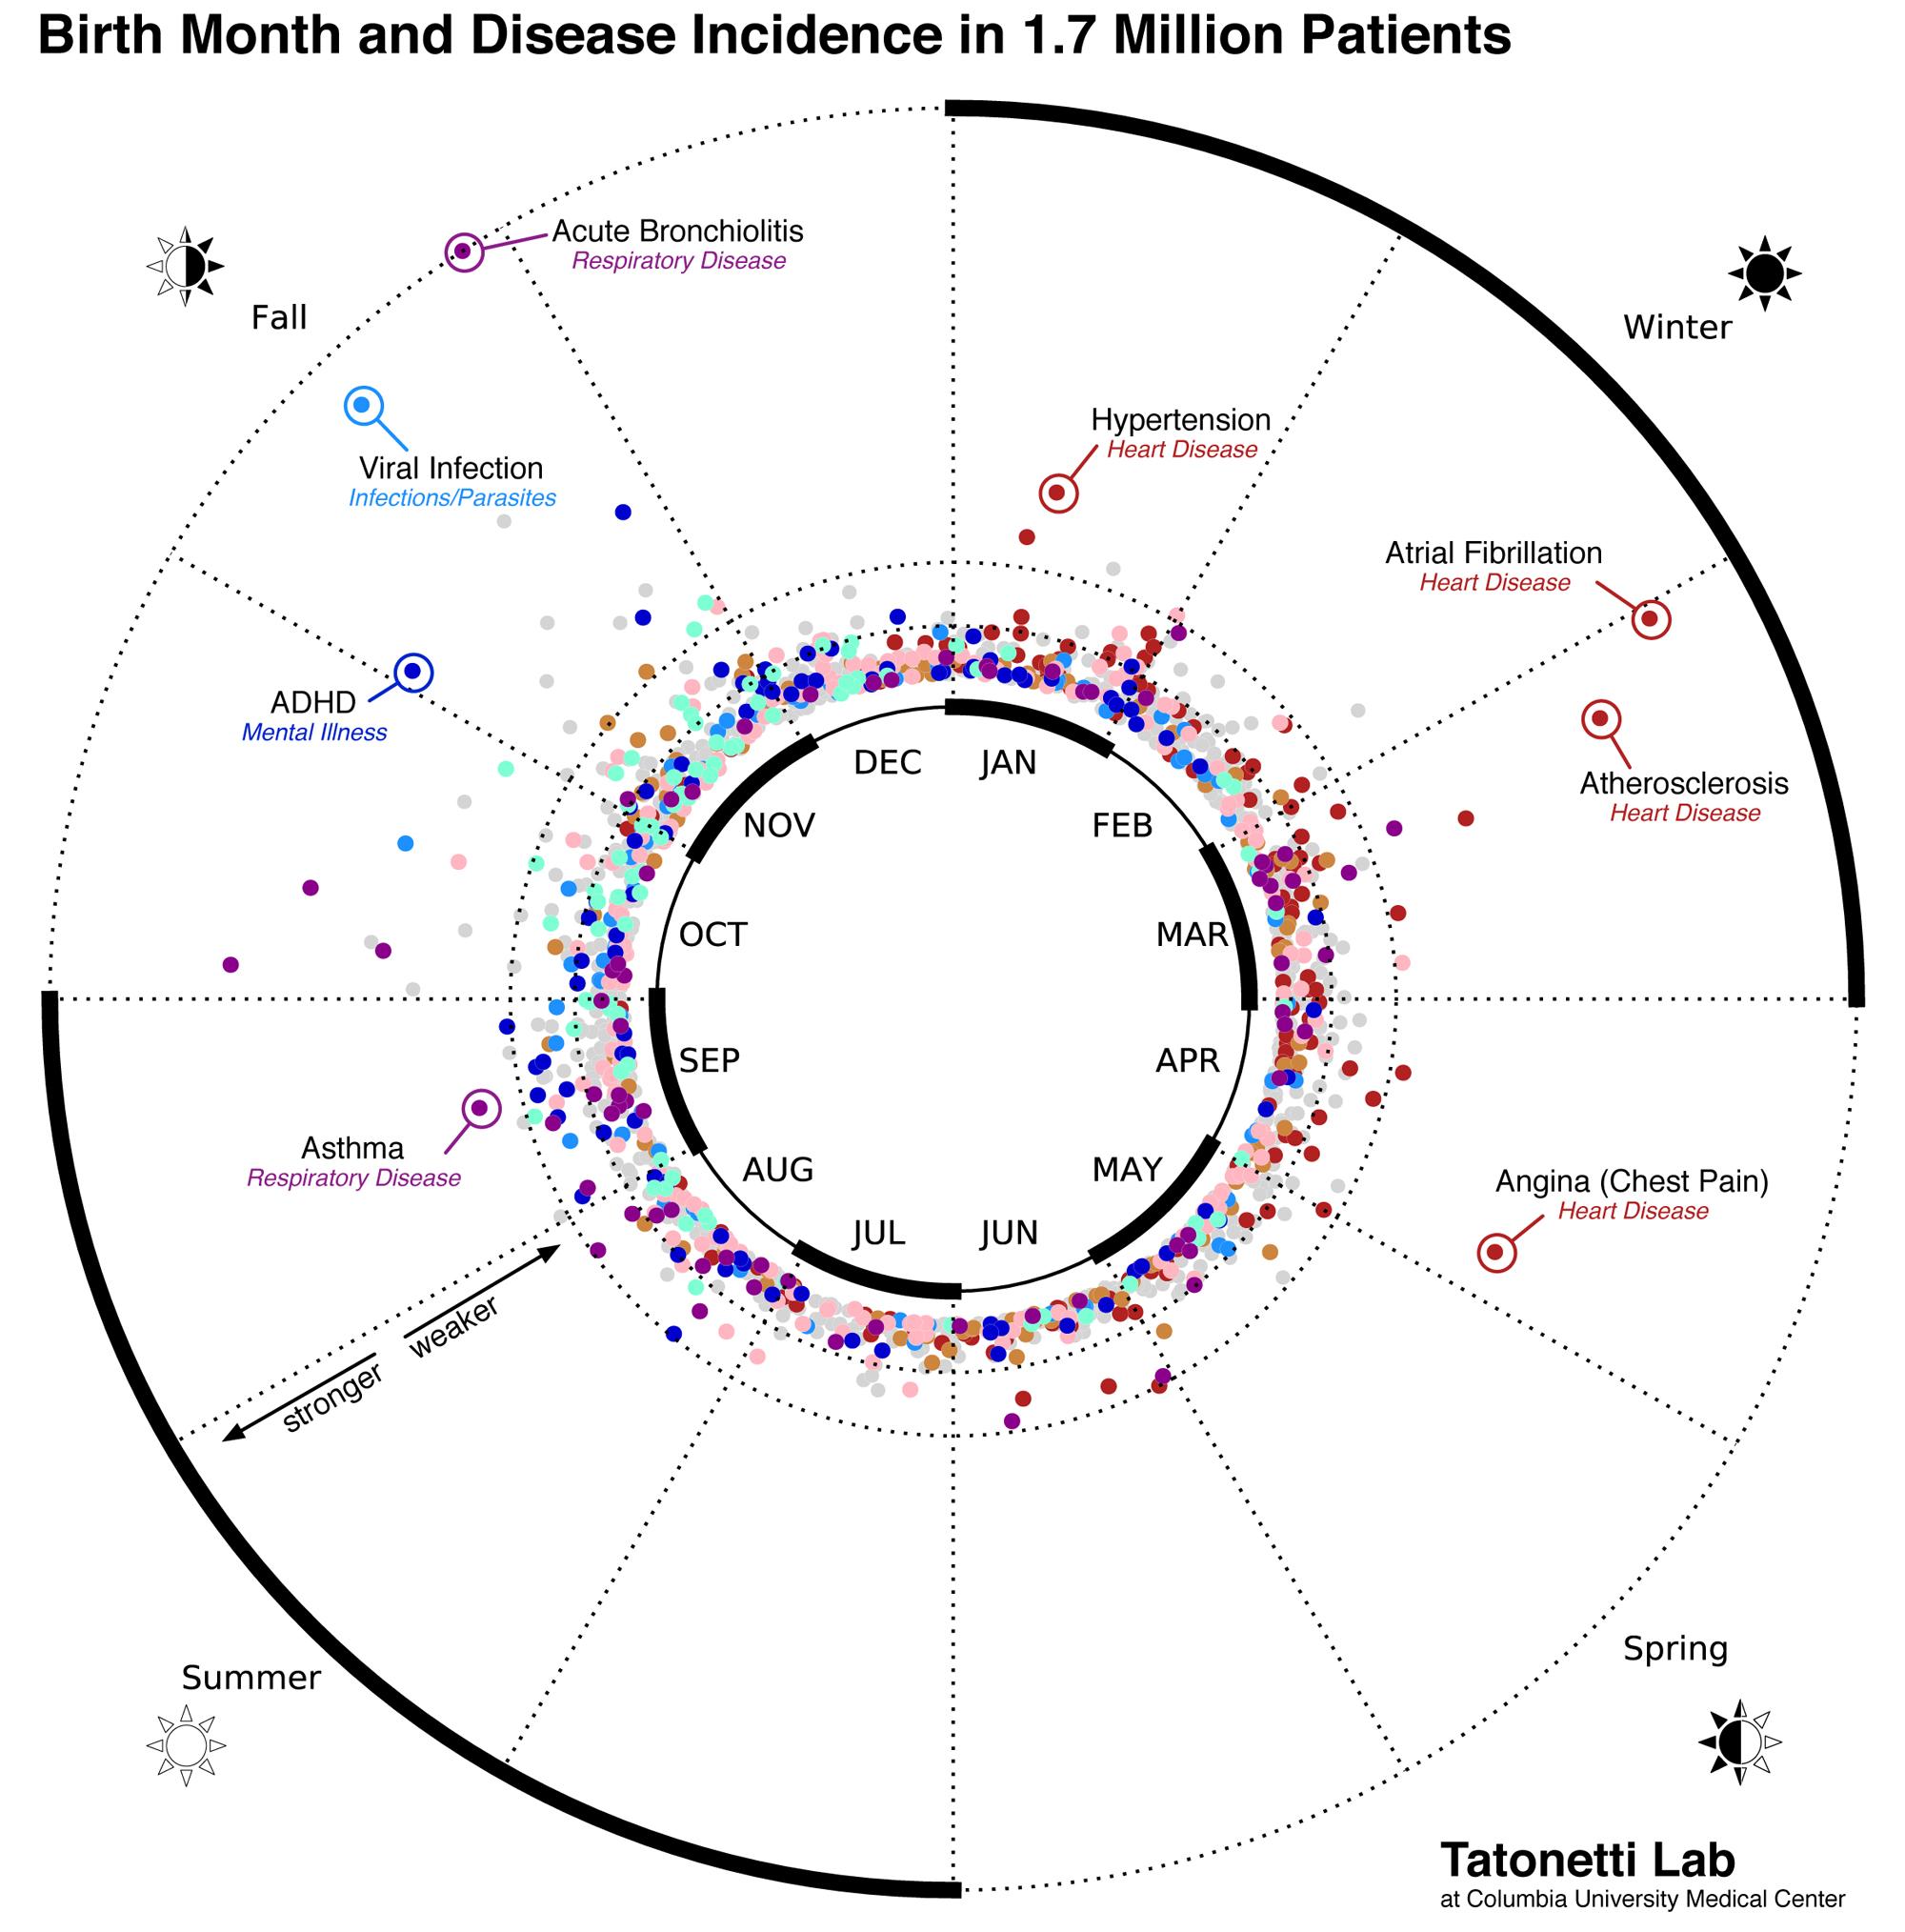 Luna în care te-ai născut poate determina bolile de care vei suferi